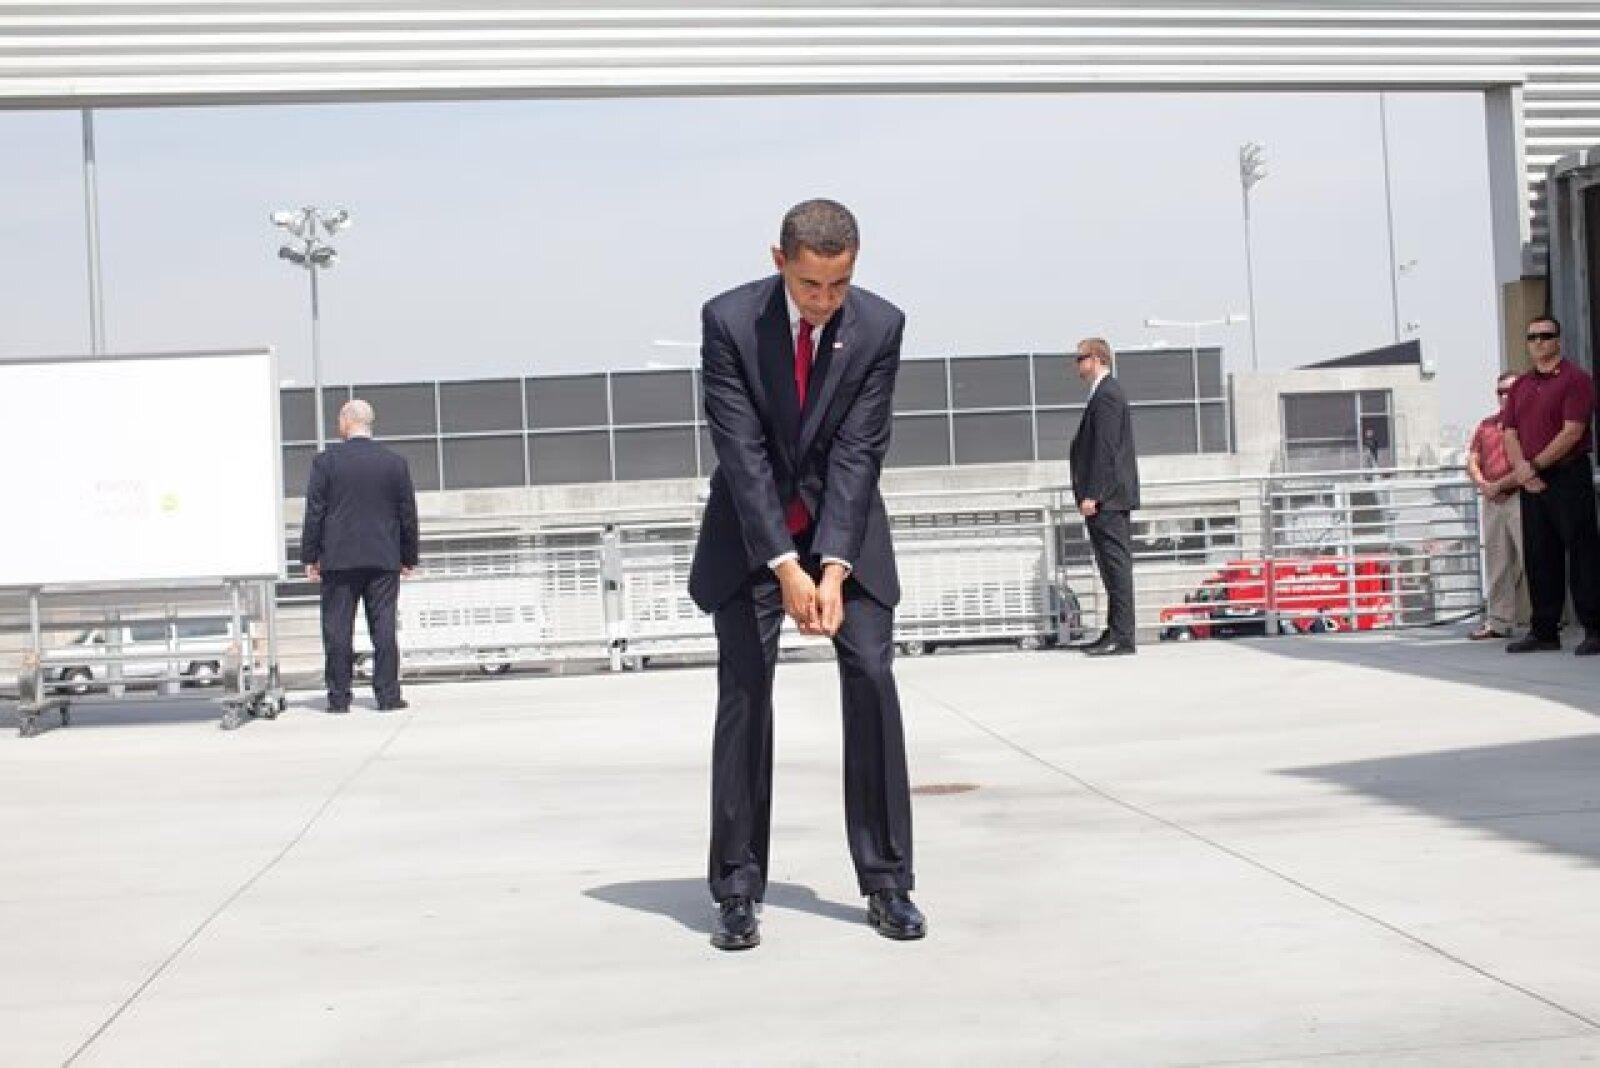 El presidente practicando su swing de golf antes del evento en el centro Miguel Contreras, en Los Ángeles.